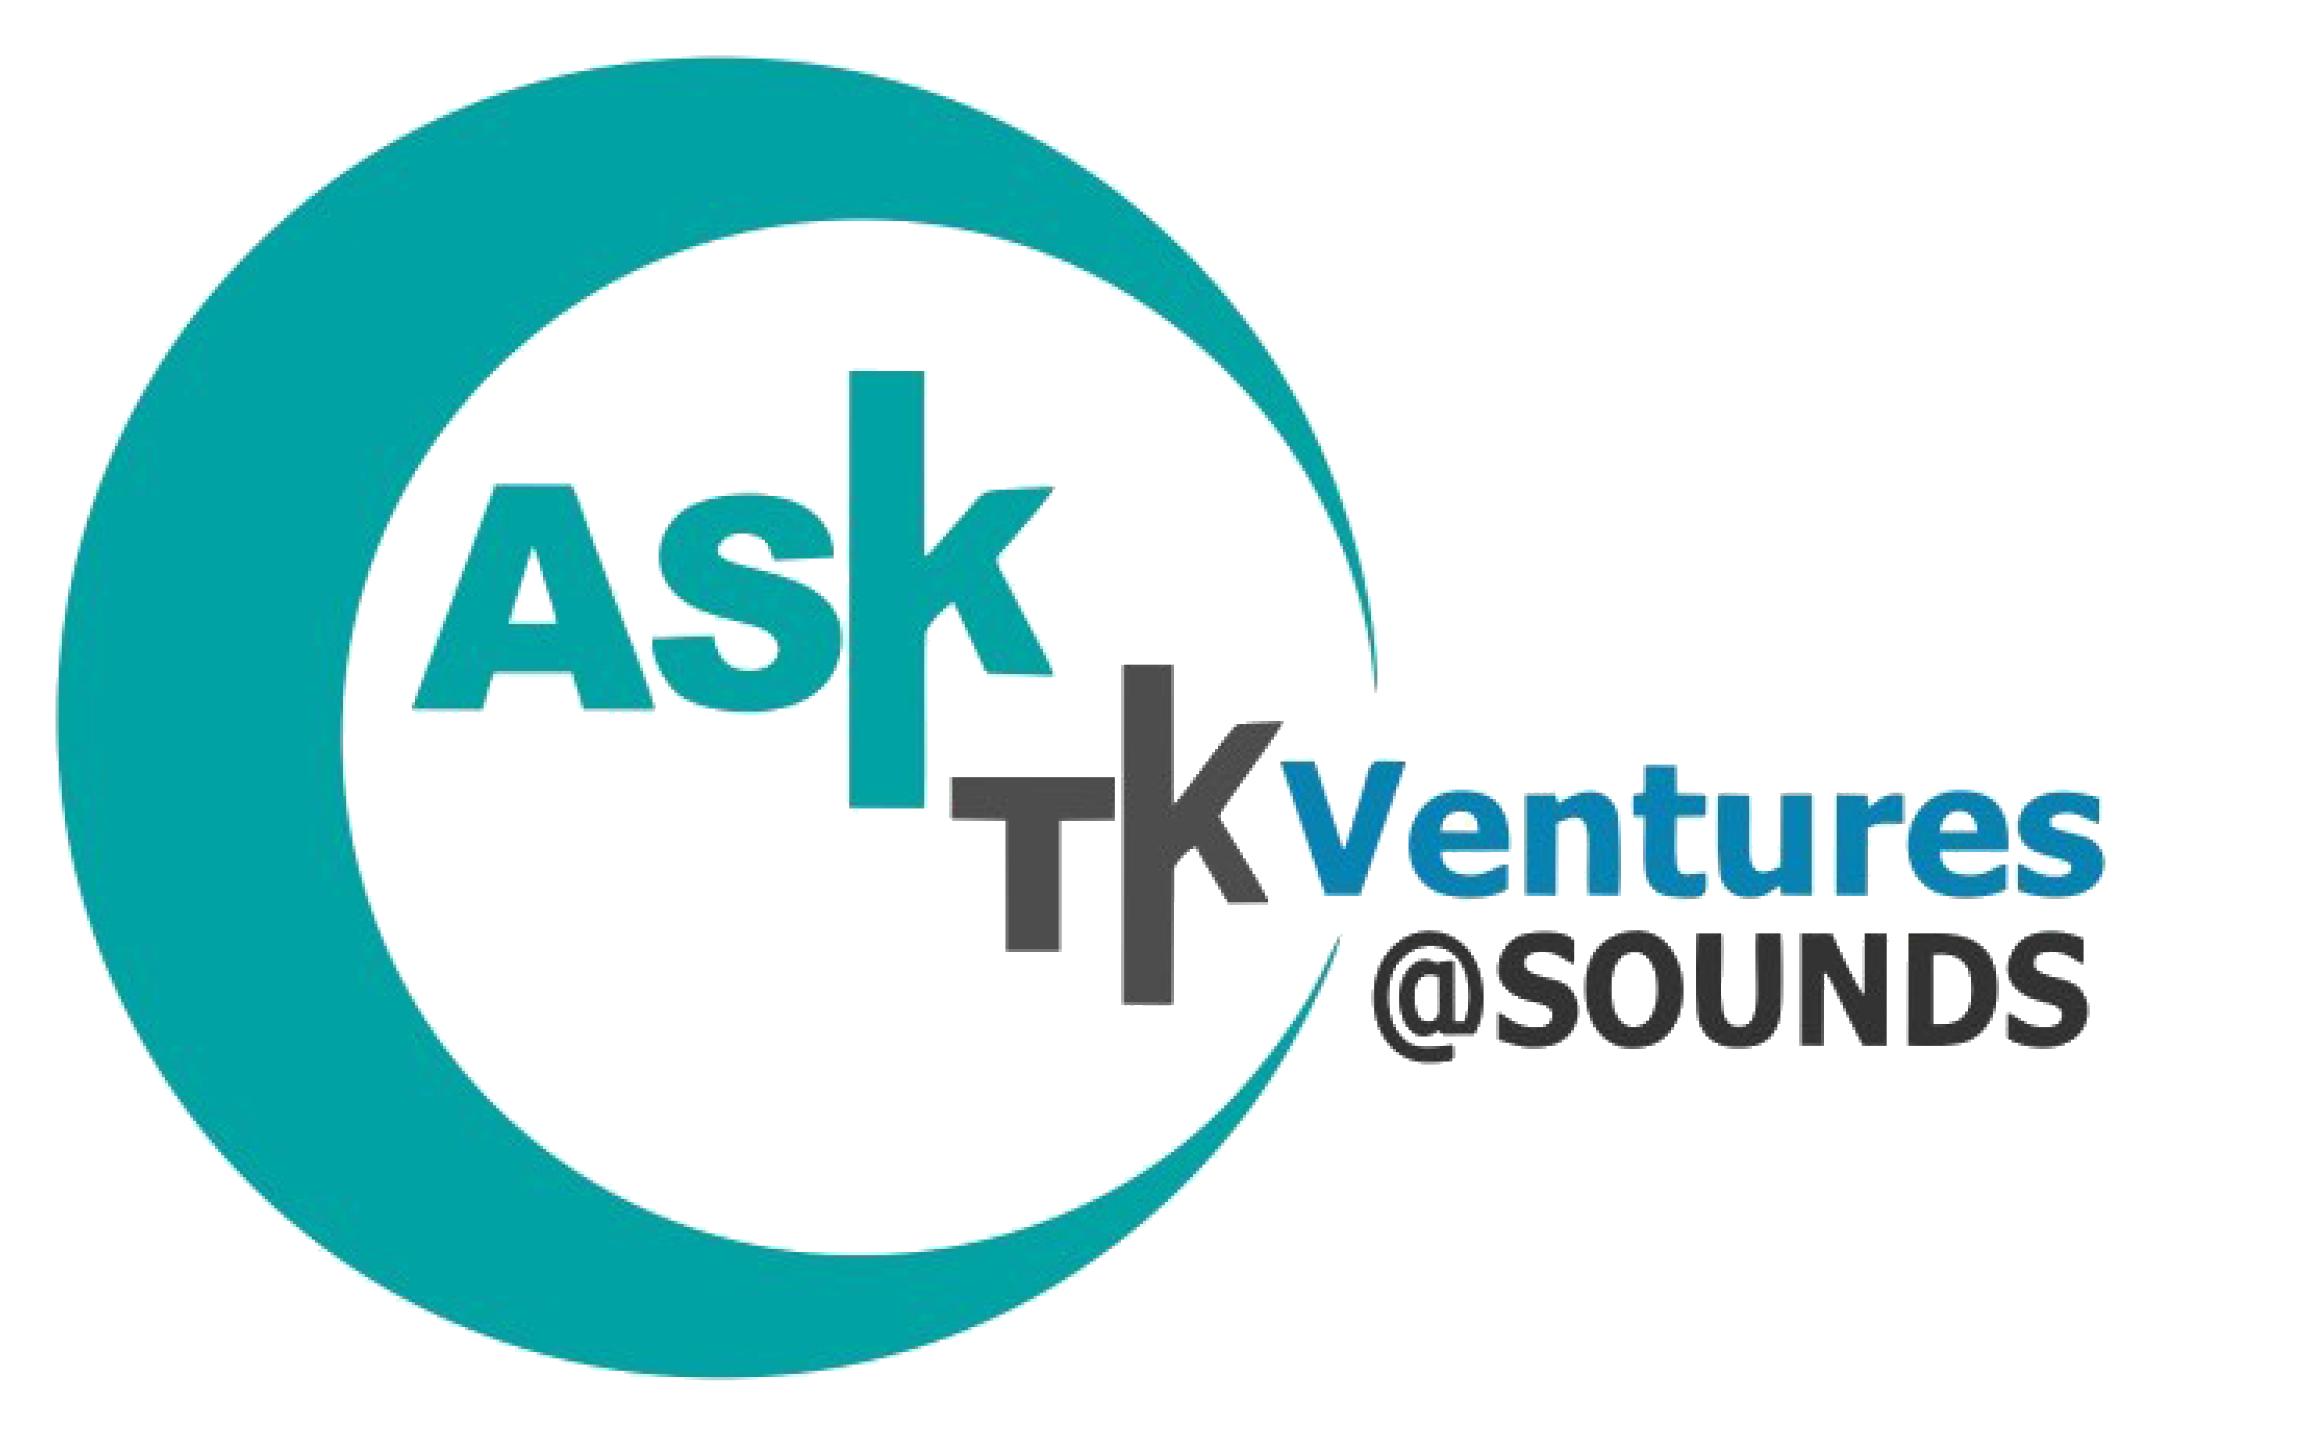 ASK-TK Ventures